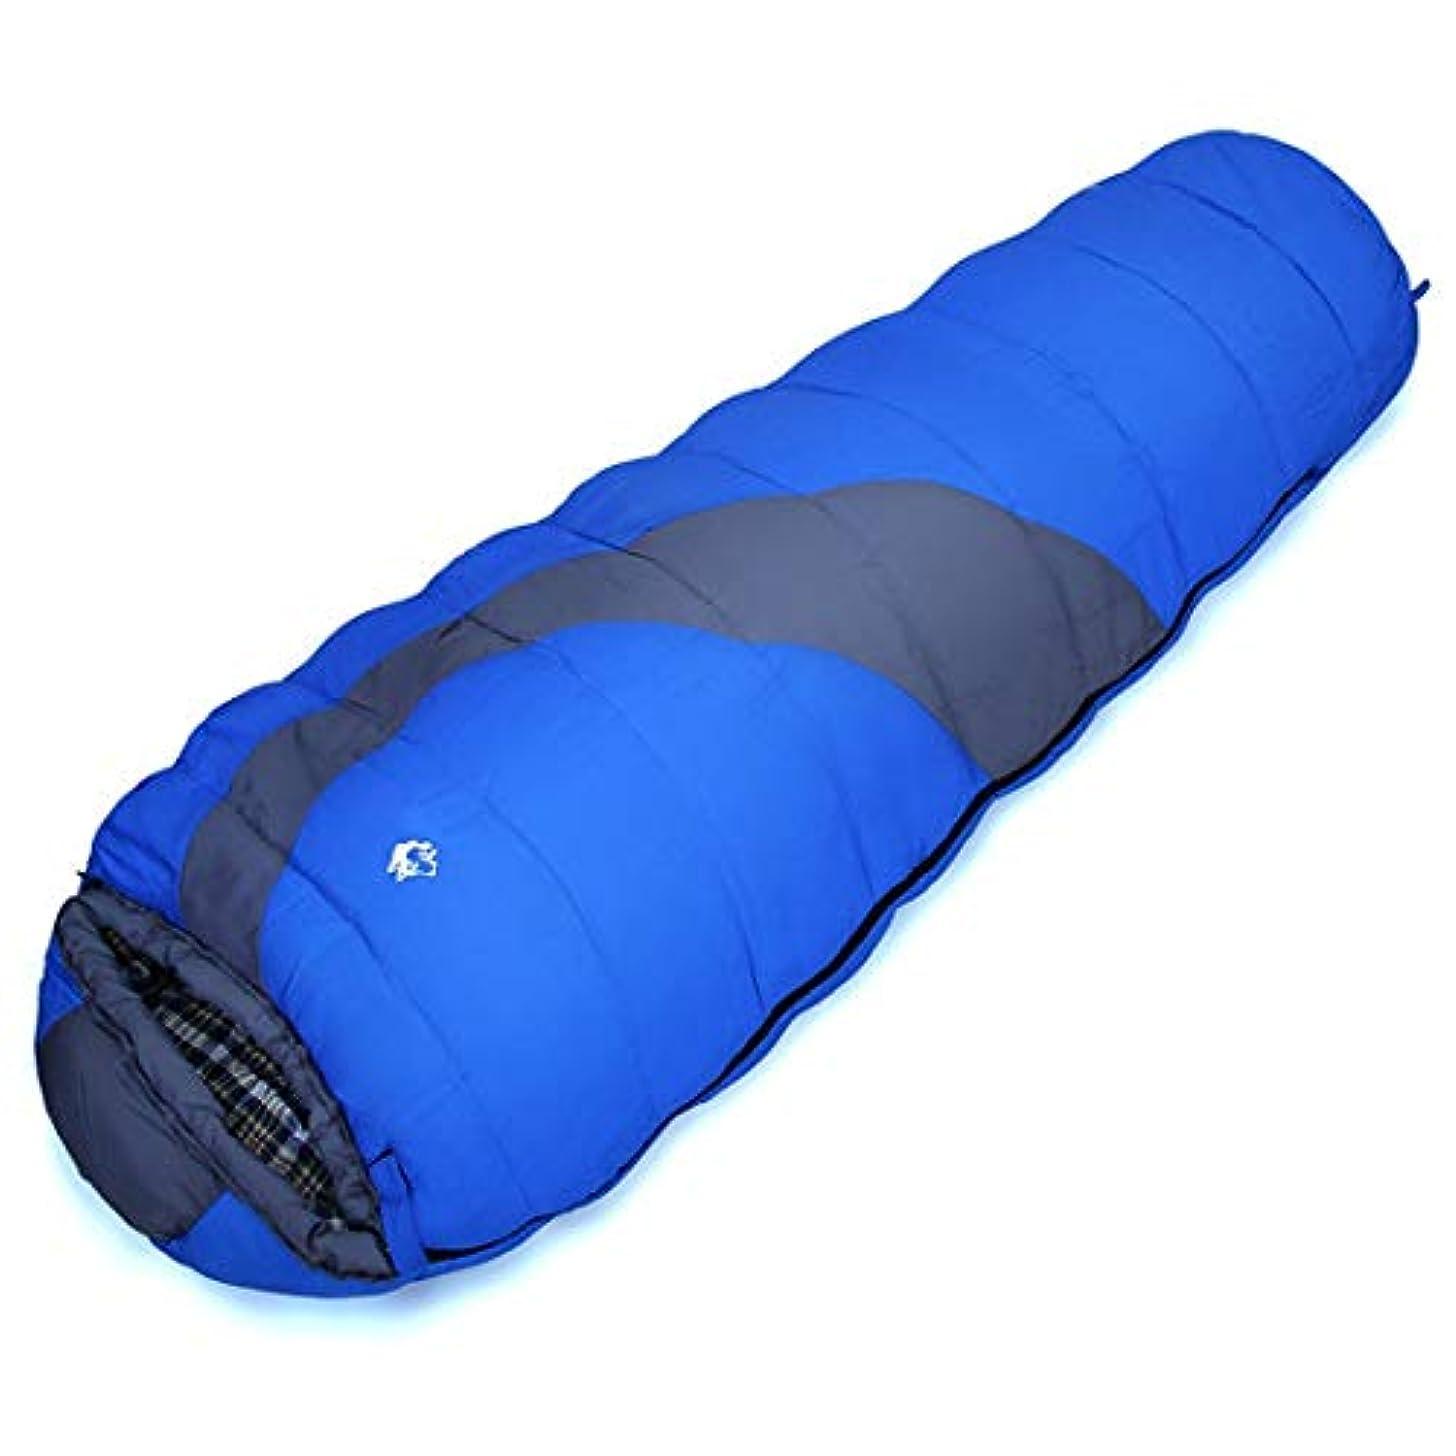 まだ抜本的なアクションLilyAngel ミイラ化された寝袋軽量で持ち運びやすいコンフォート?サック - ウィンター?ハイキング旅行に最適